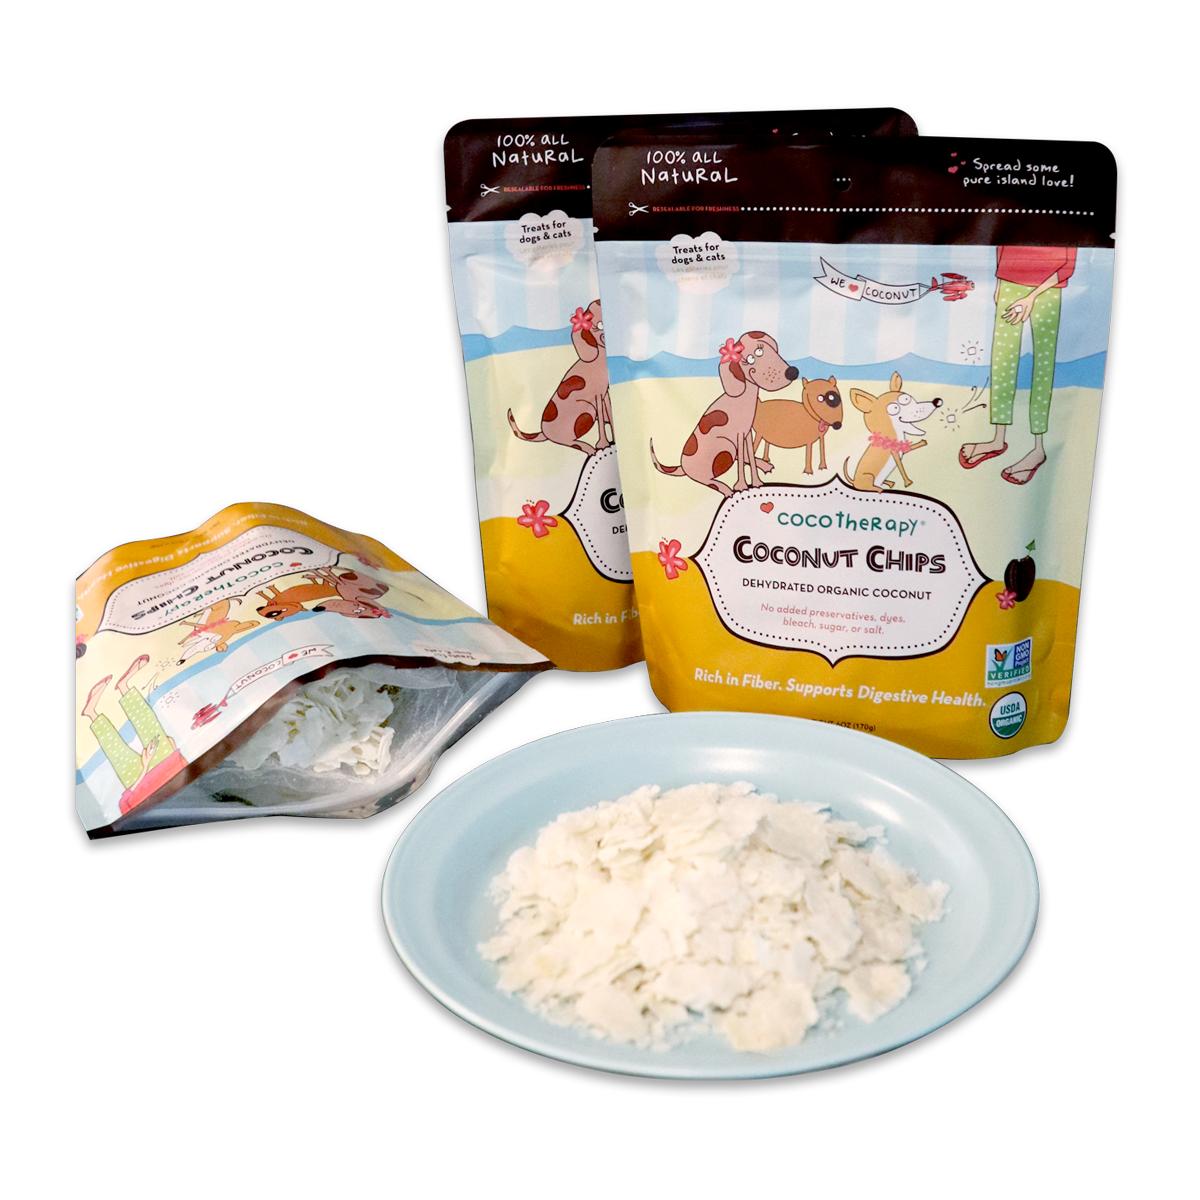 [강아지 코코넛 간식] 코코테라피 코코넛 칩